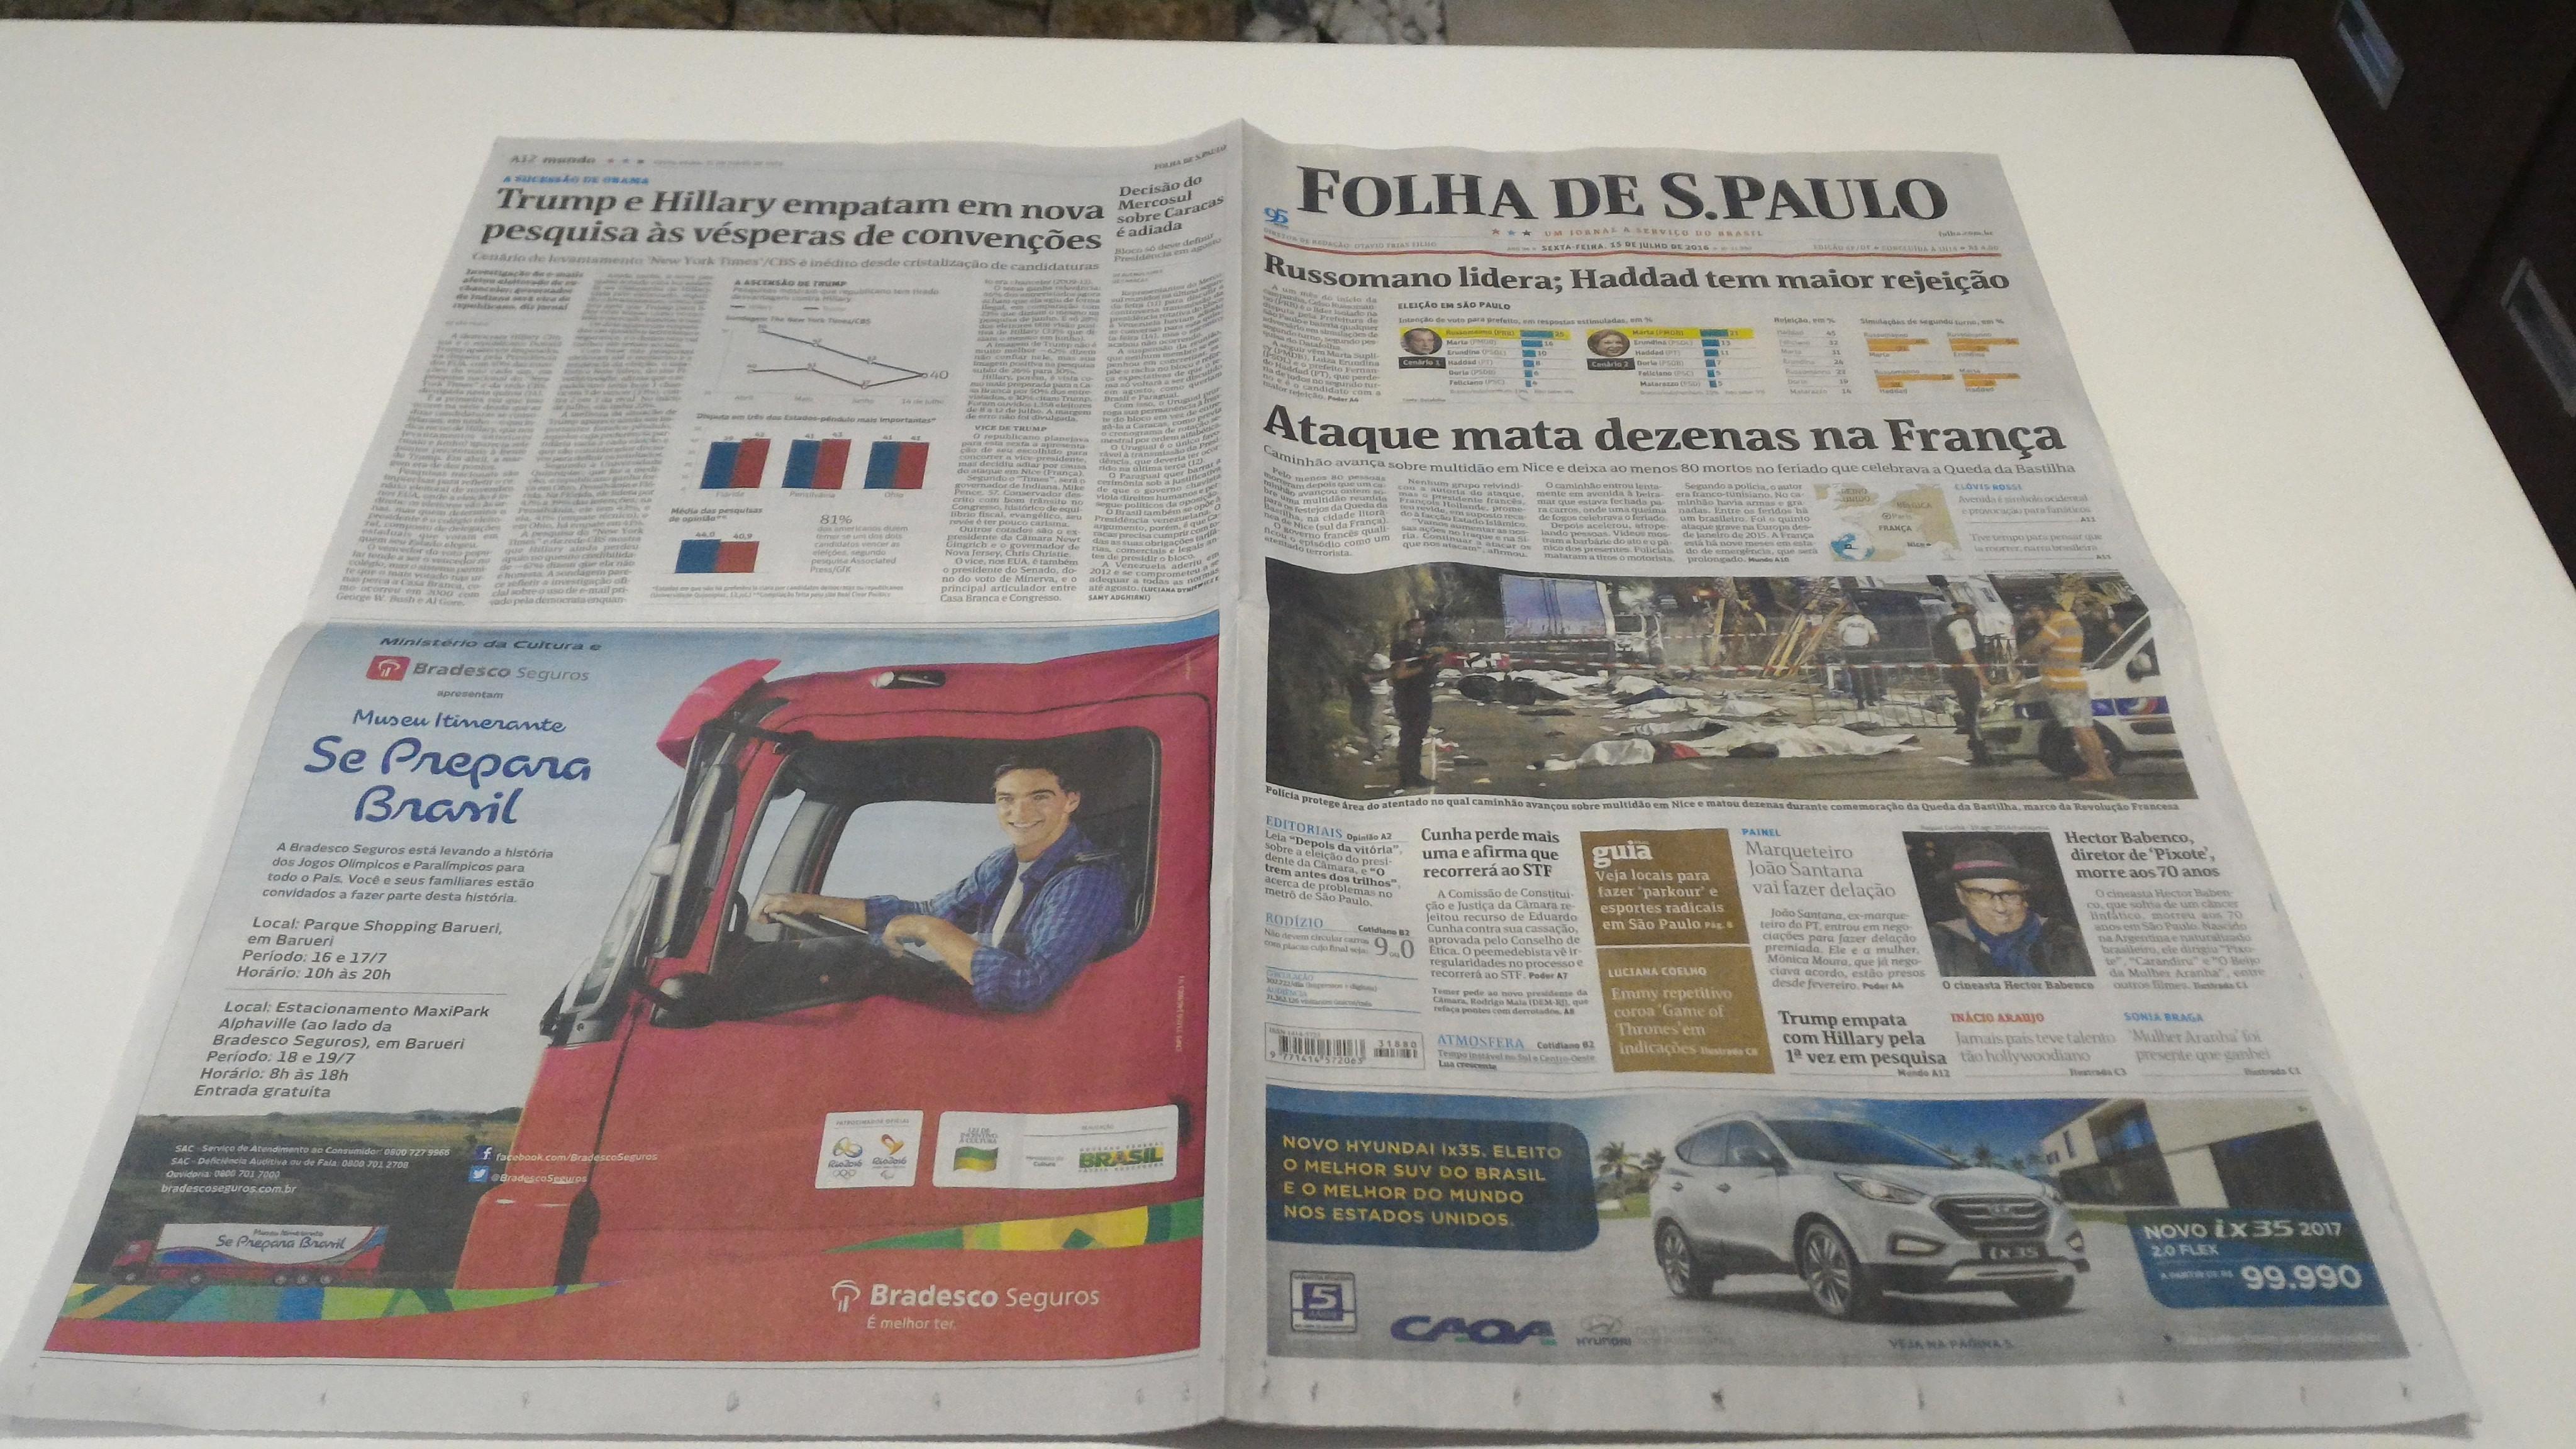 adnews.com.br